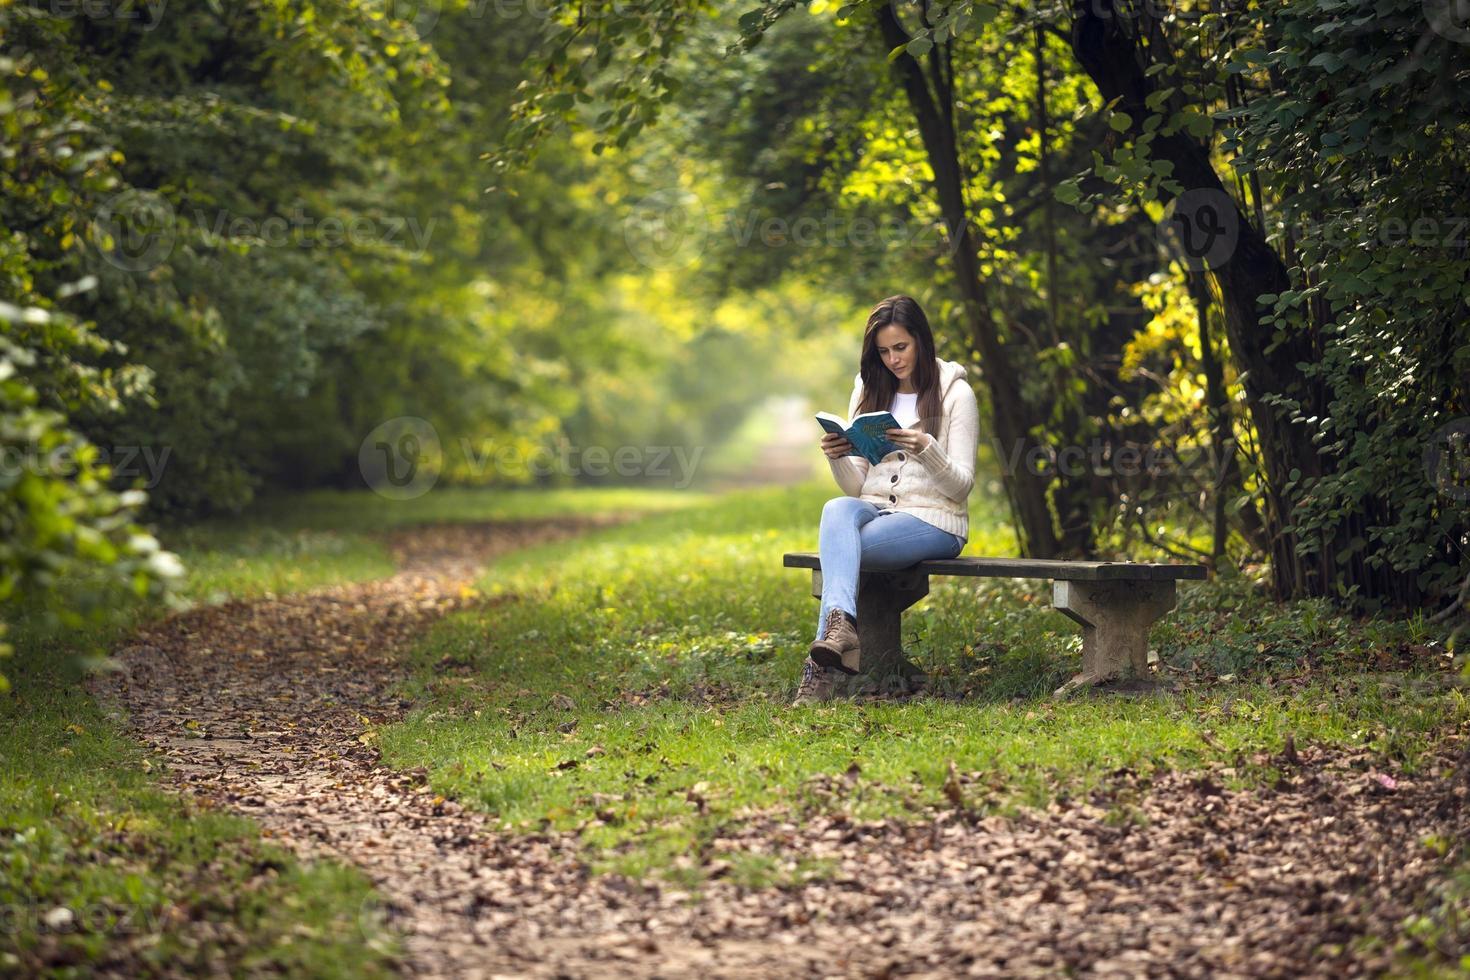 hermosa niña sentada en un banco del parque foto